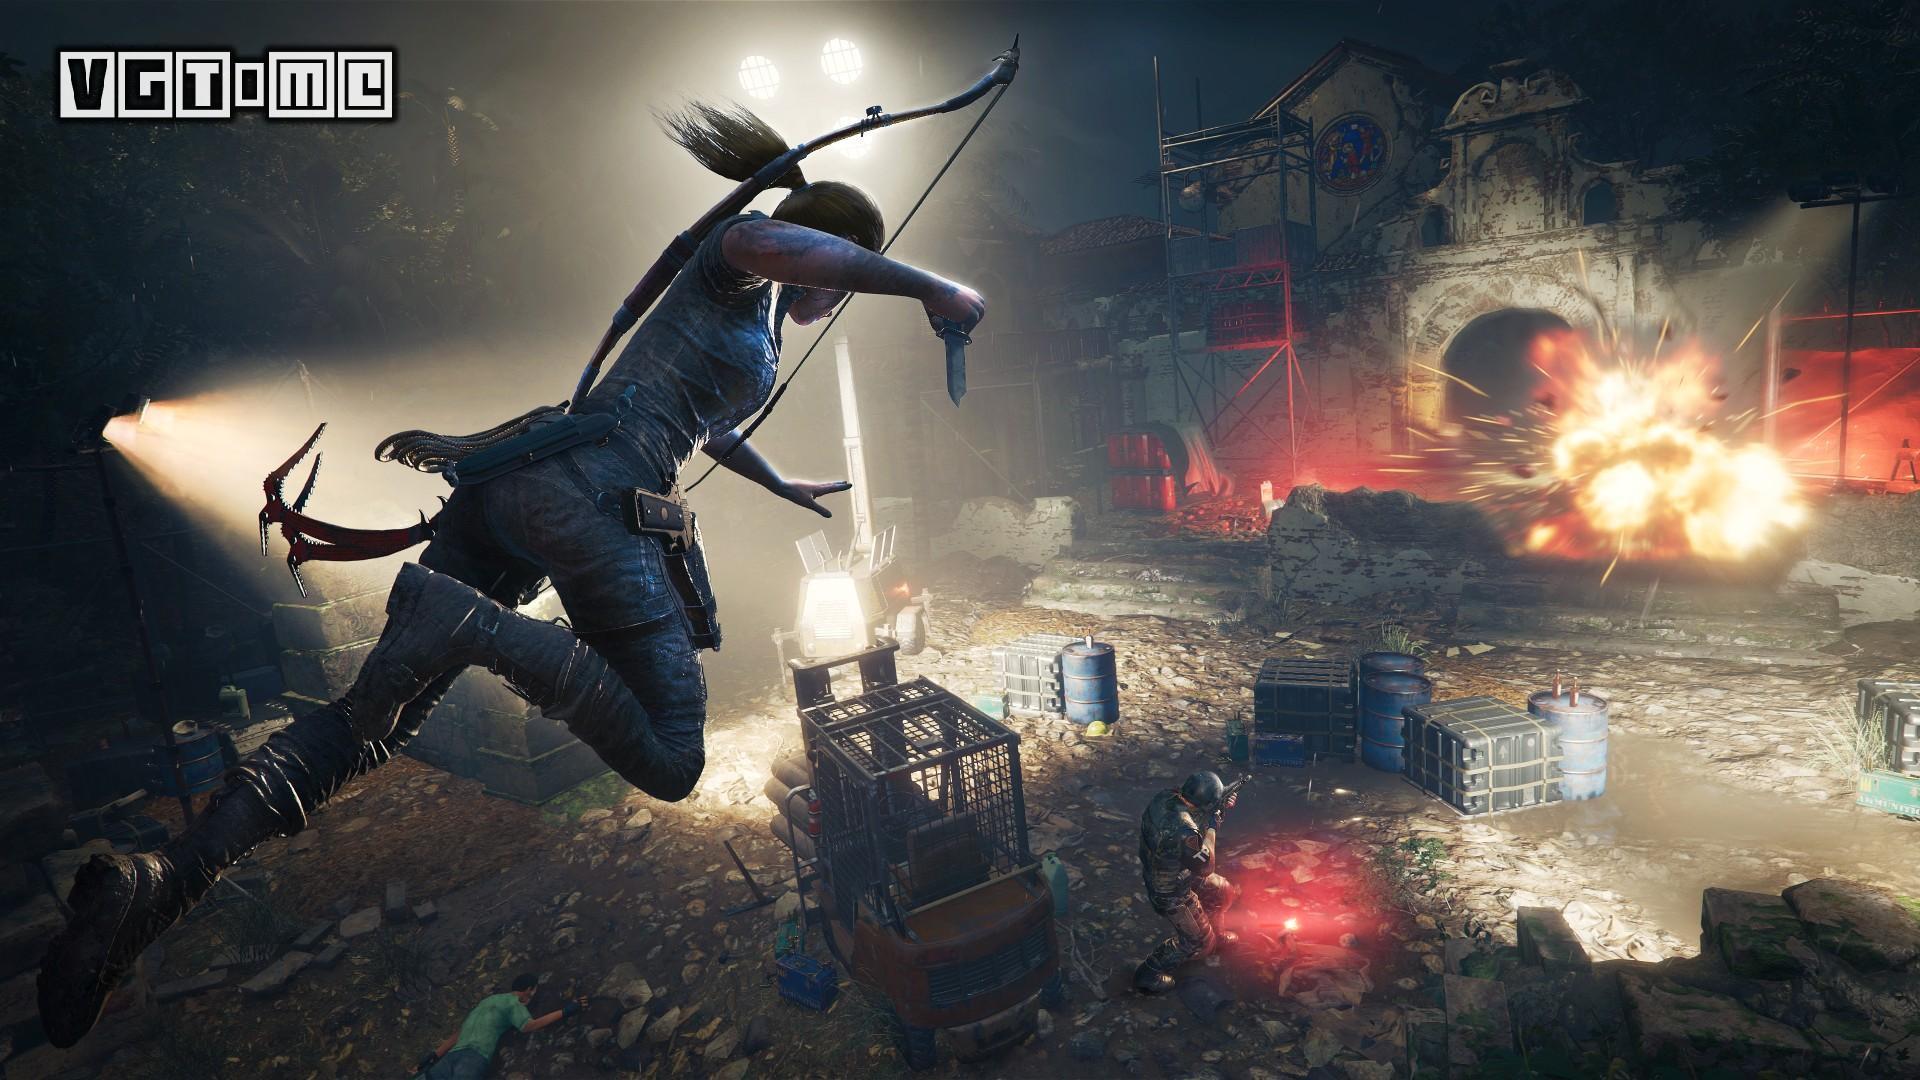 Square Enix公布2019Q2财报:游戏部门利润下滑